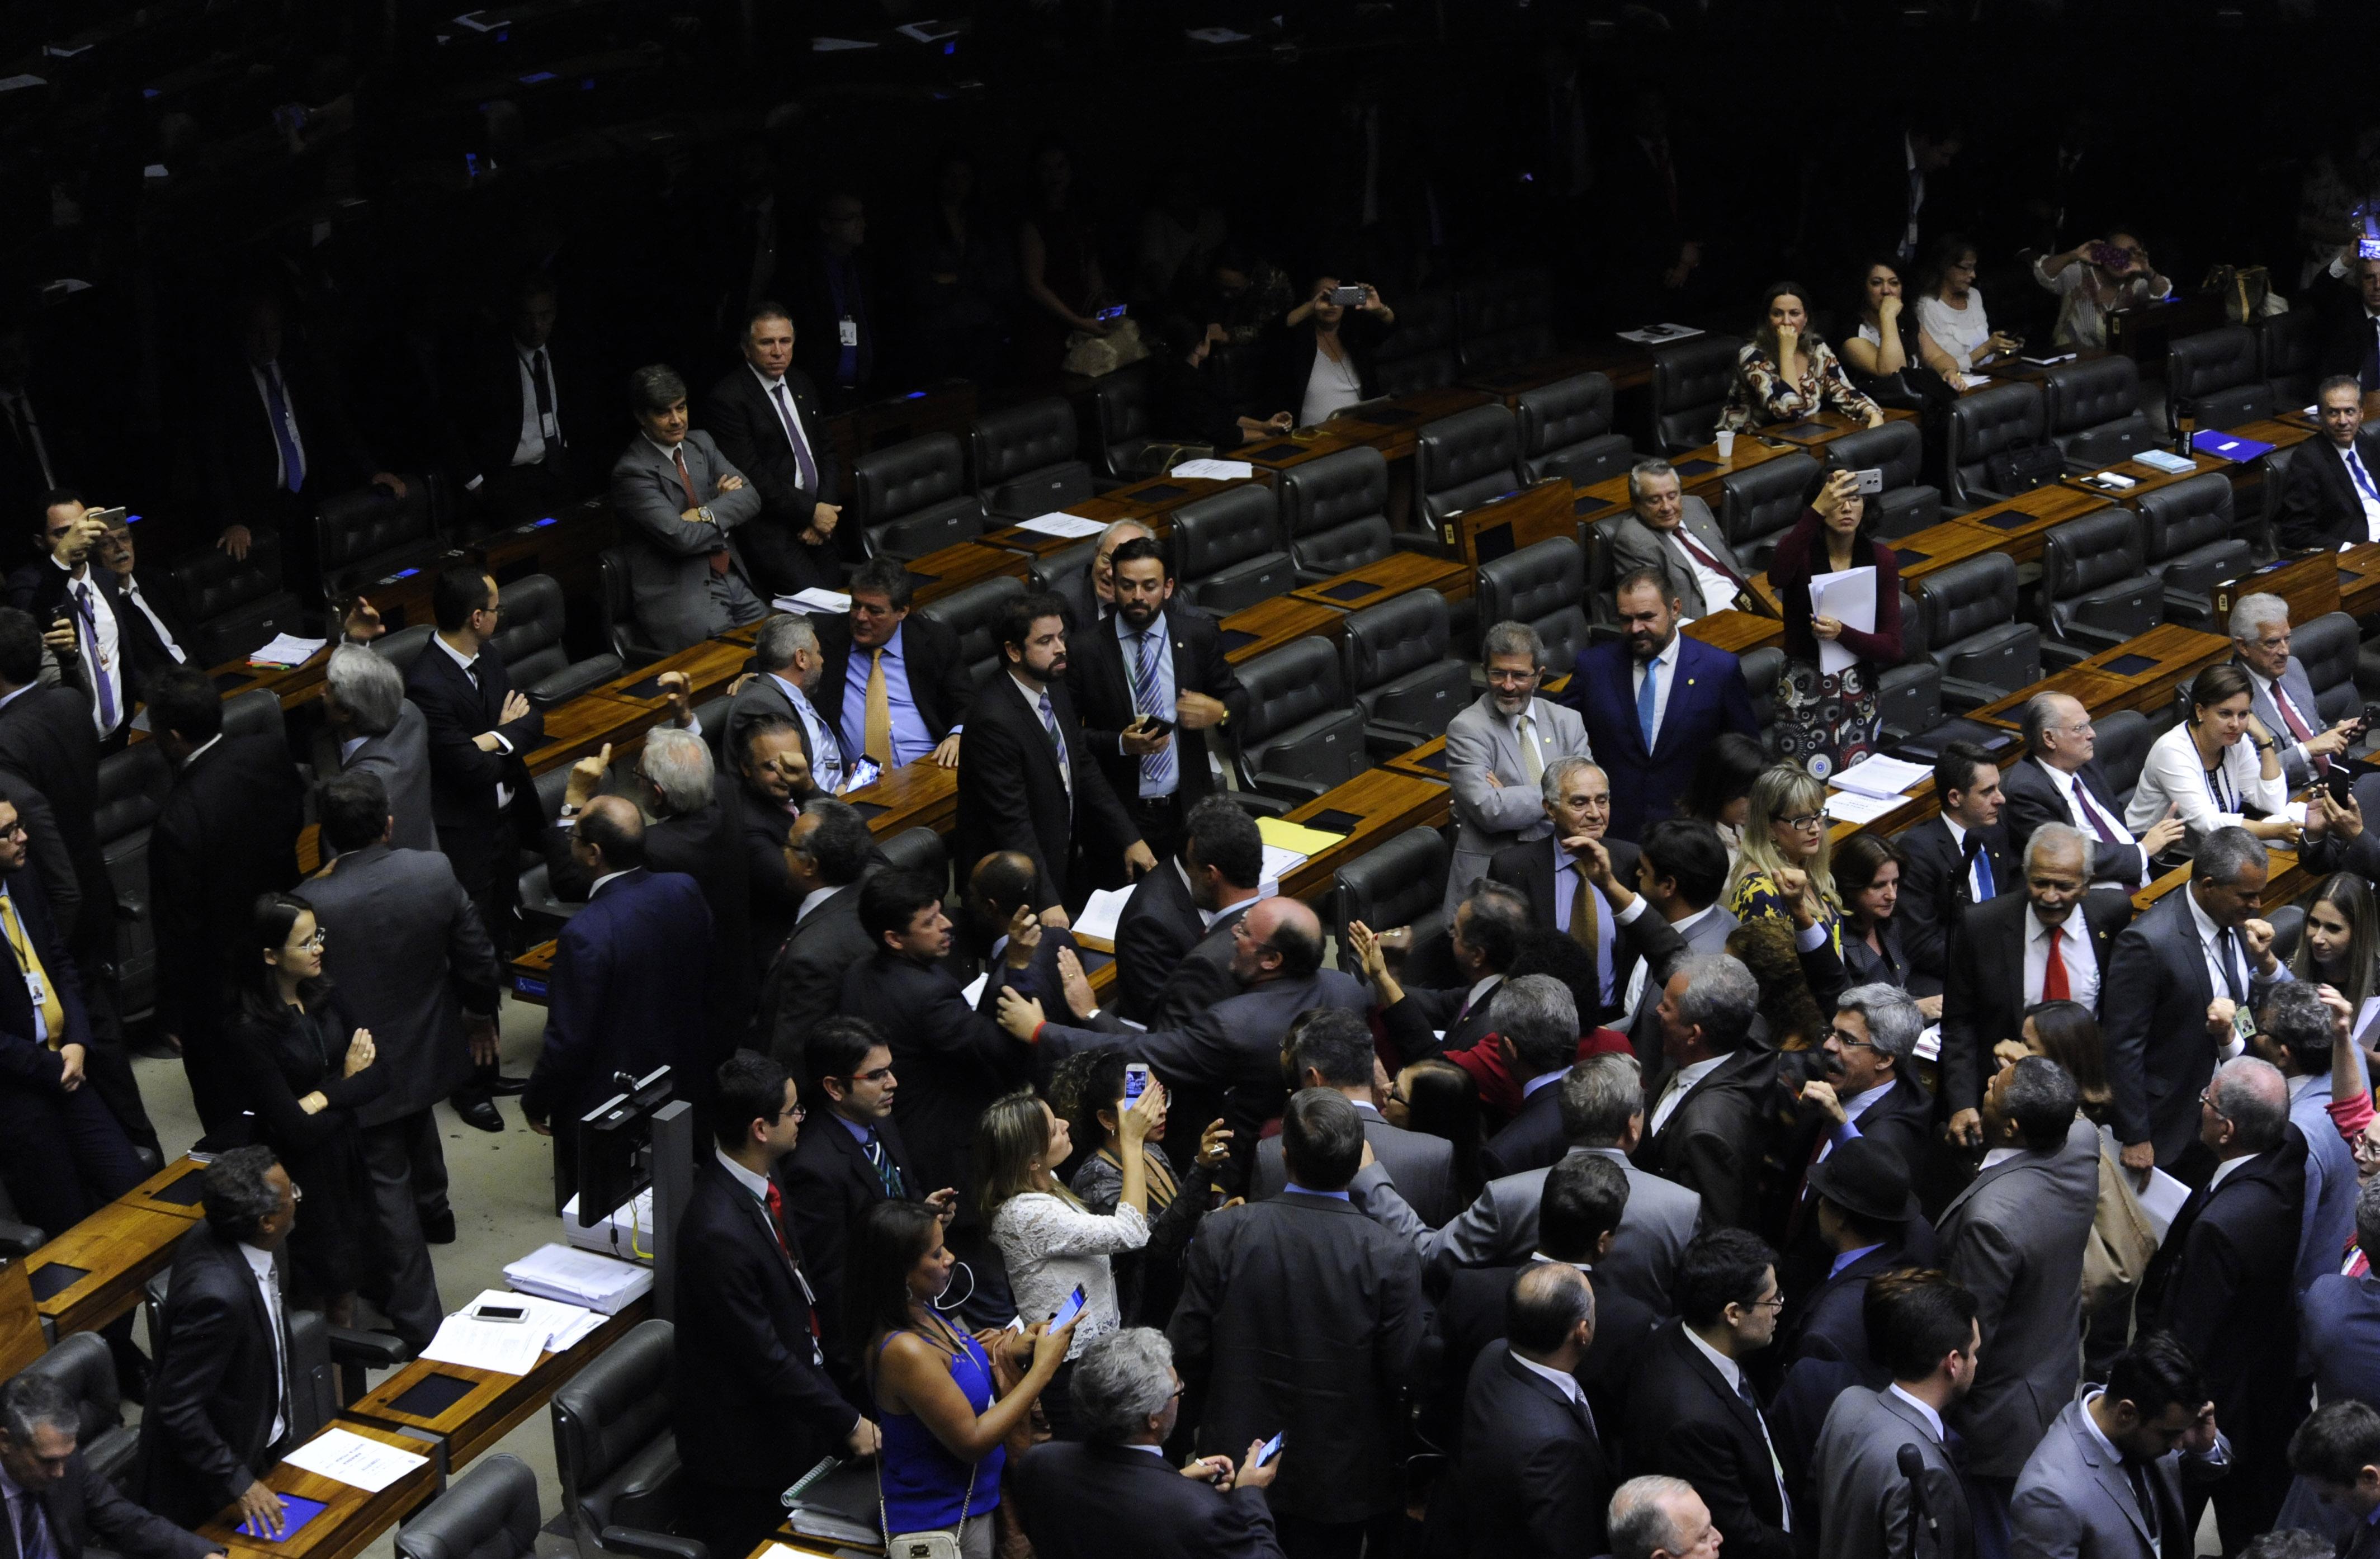 Câmara vota parecer sobre denúncia contra Temer — Ao vivo